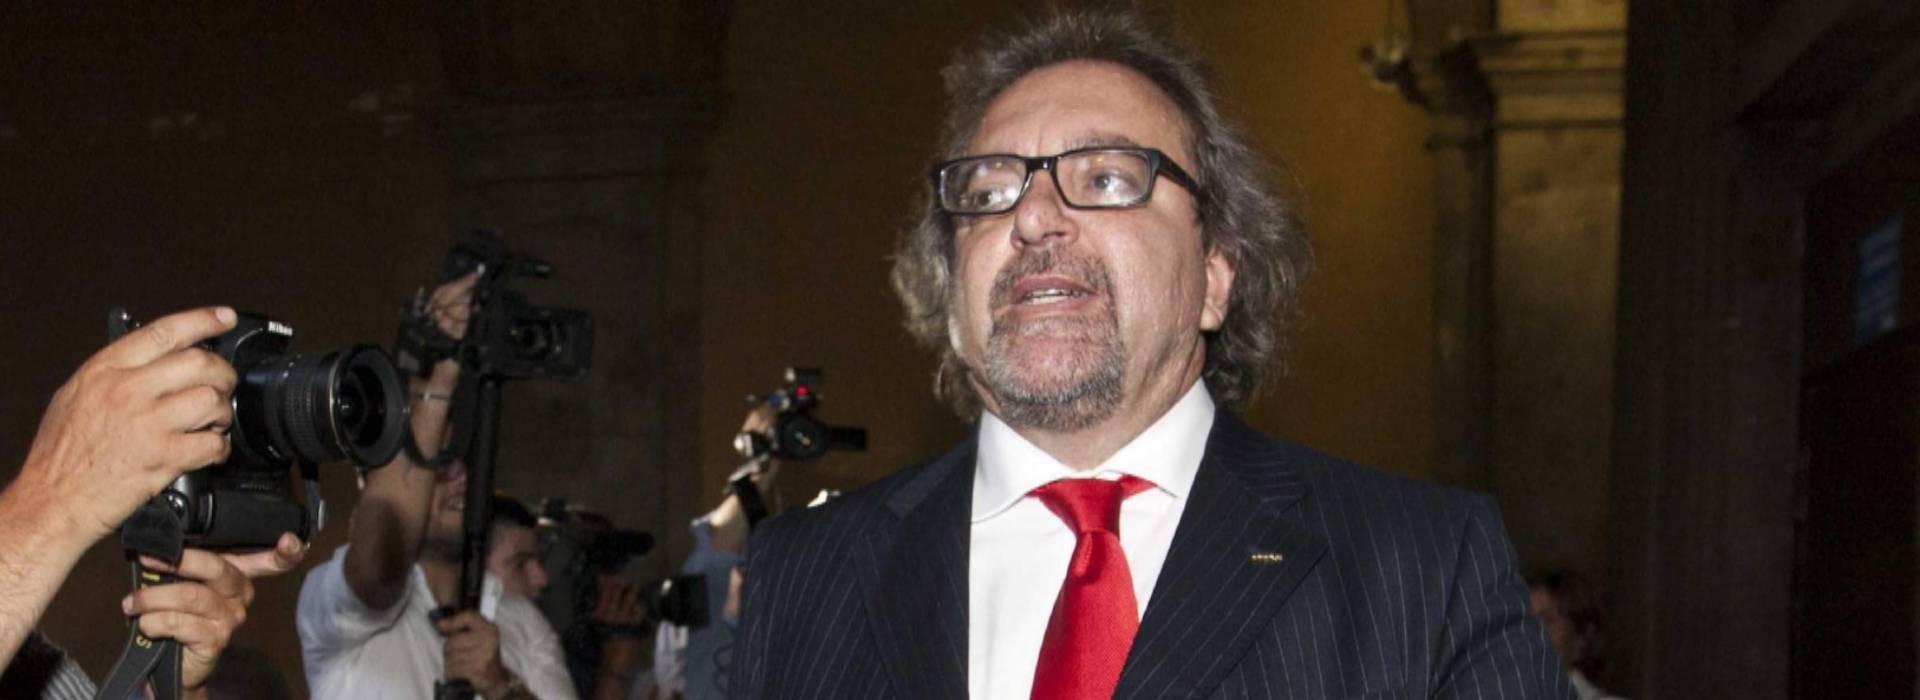 Michele Giarrusso è fuori dal M5S: non ha restituito i soldi sul conto corrente di Patuanelli, D'Uva e Di Maio